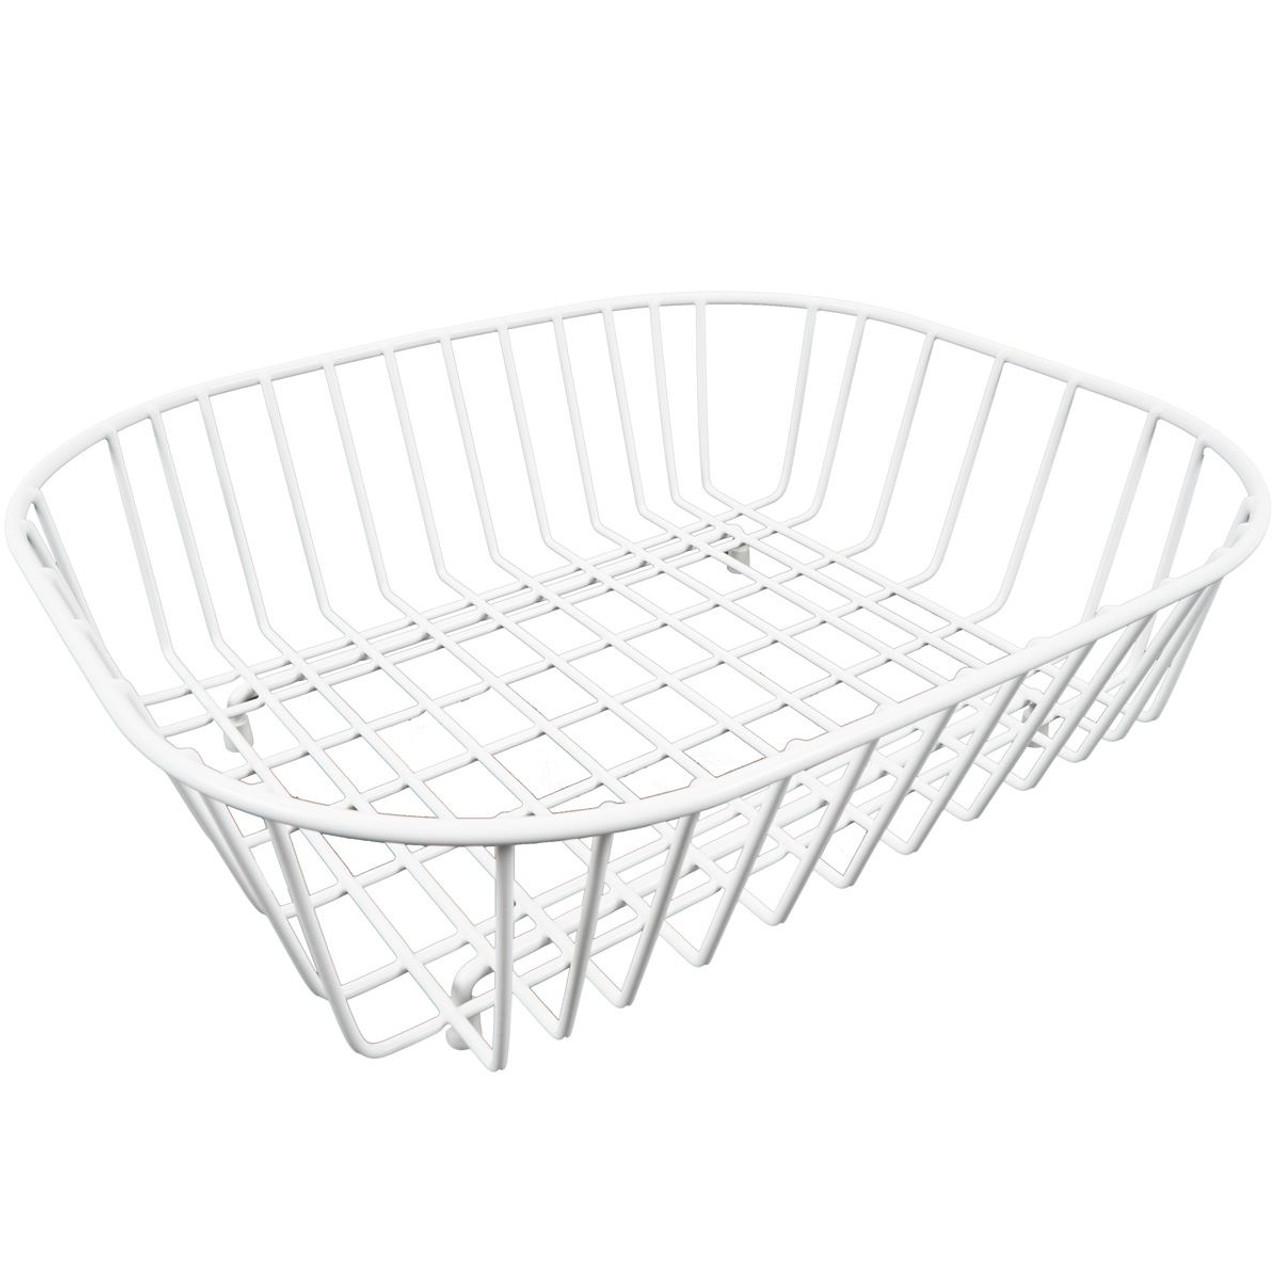 Delfinware Oval Sink Basket in White